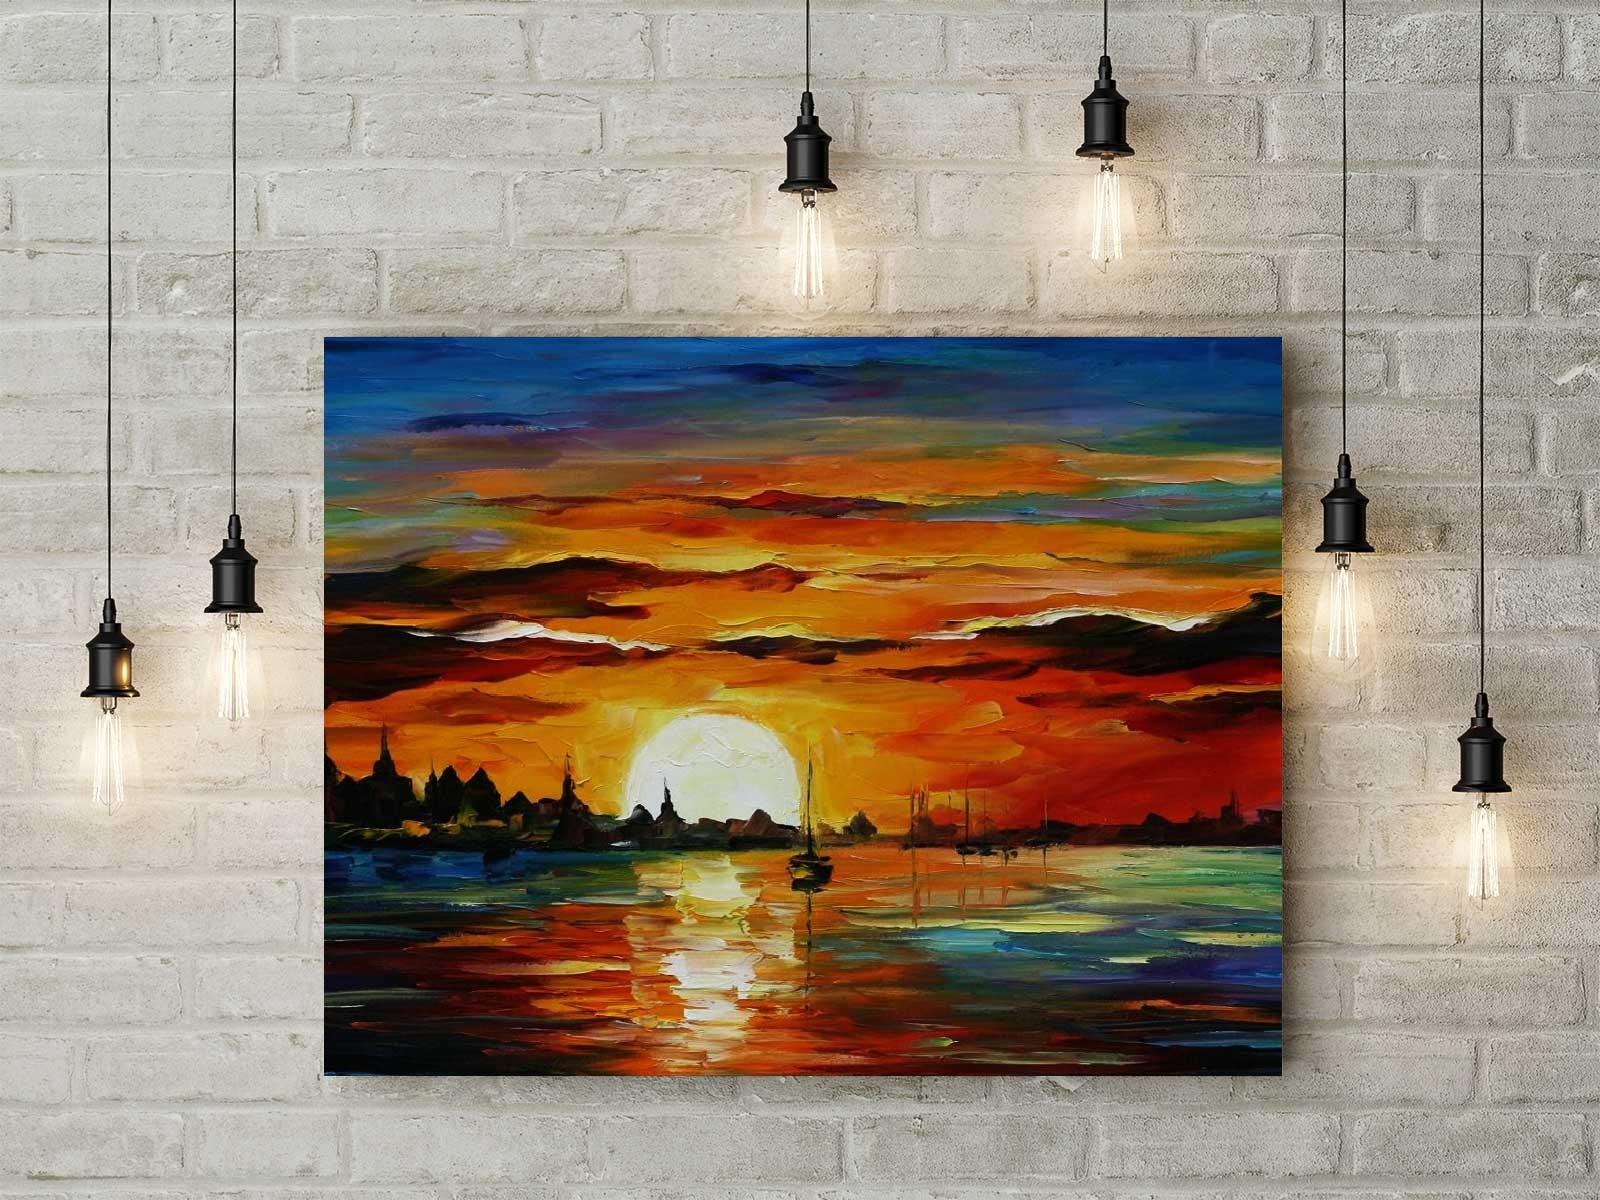 Free Canvas Wall Painting Mockup Psd Good Mockups